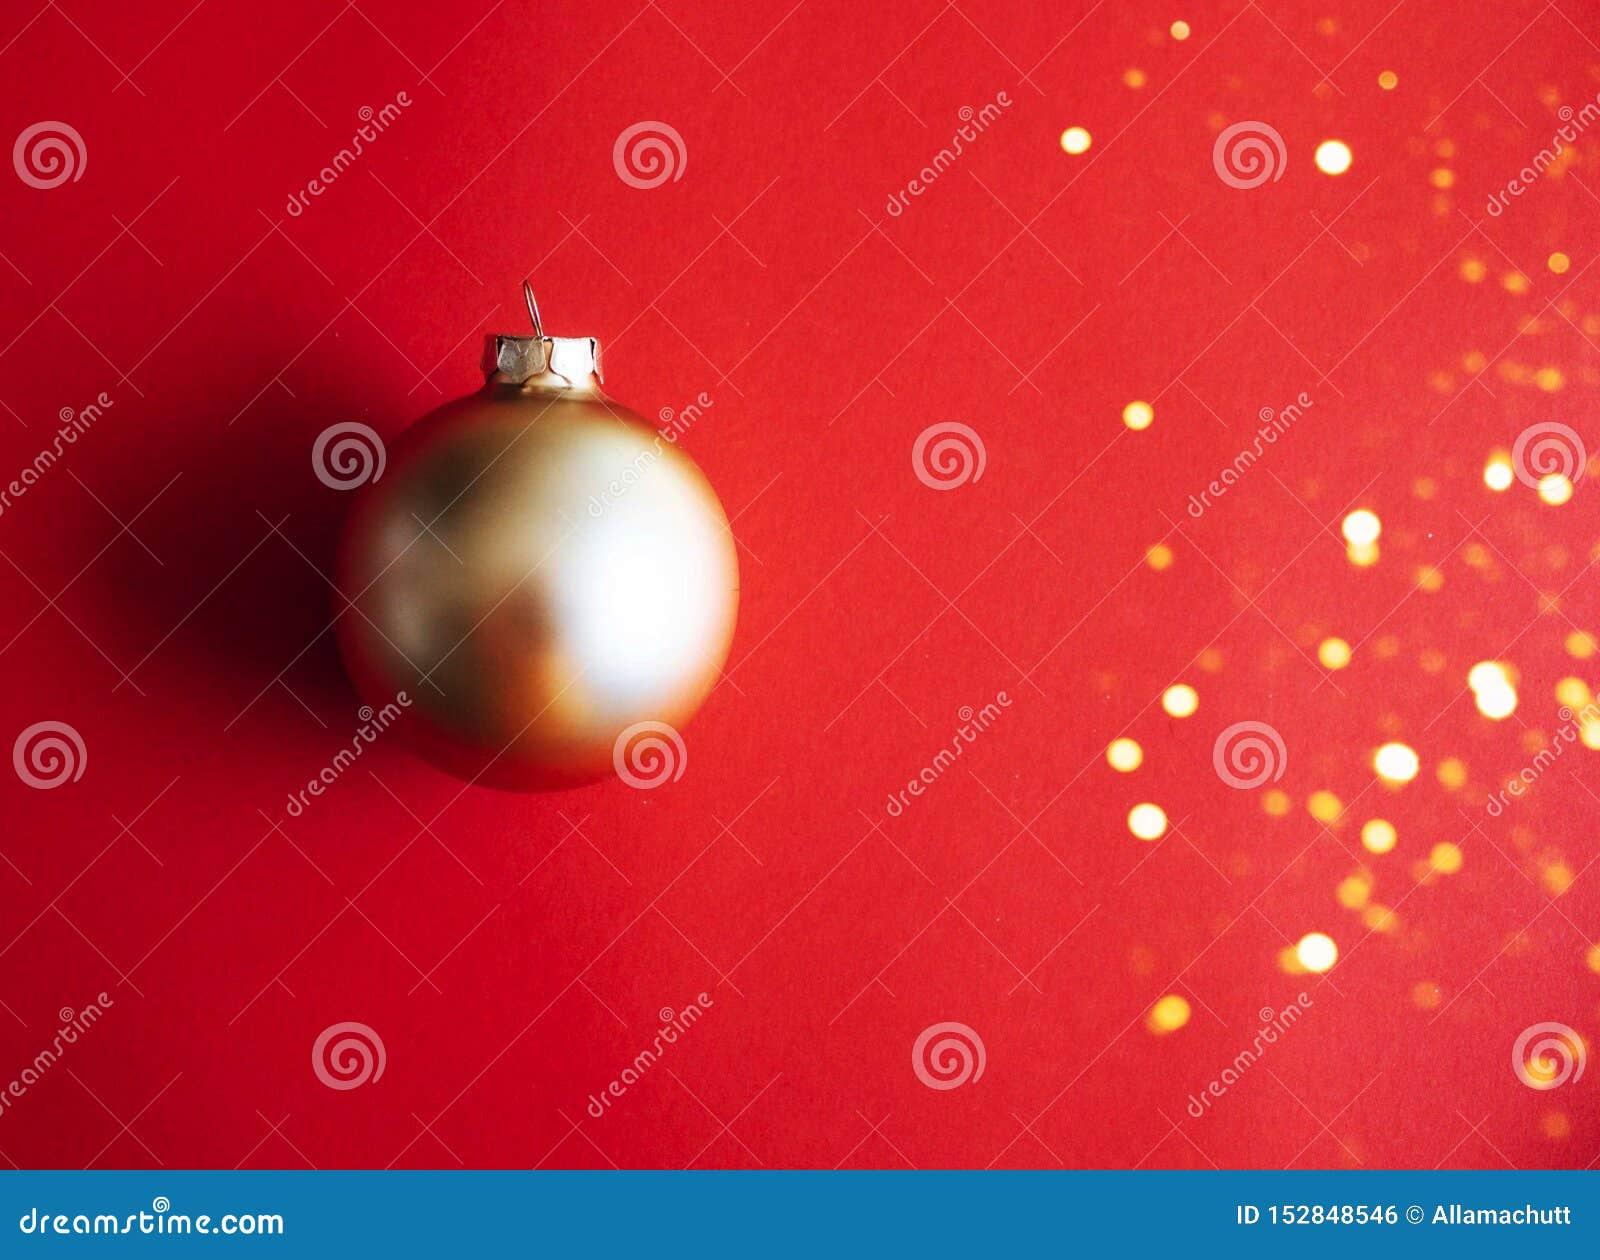 圣诞节装饰品背景